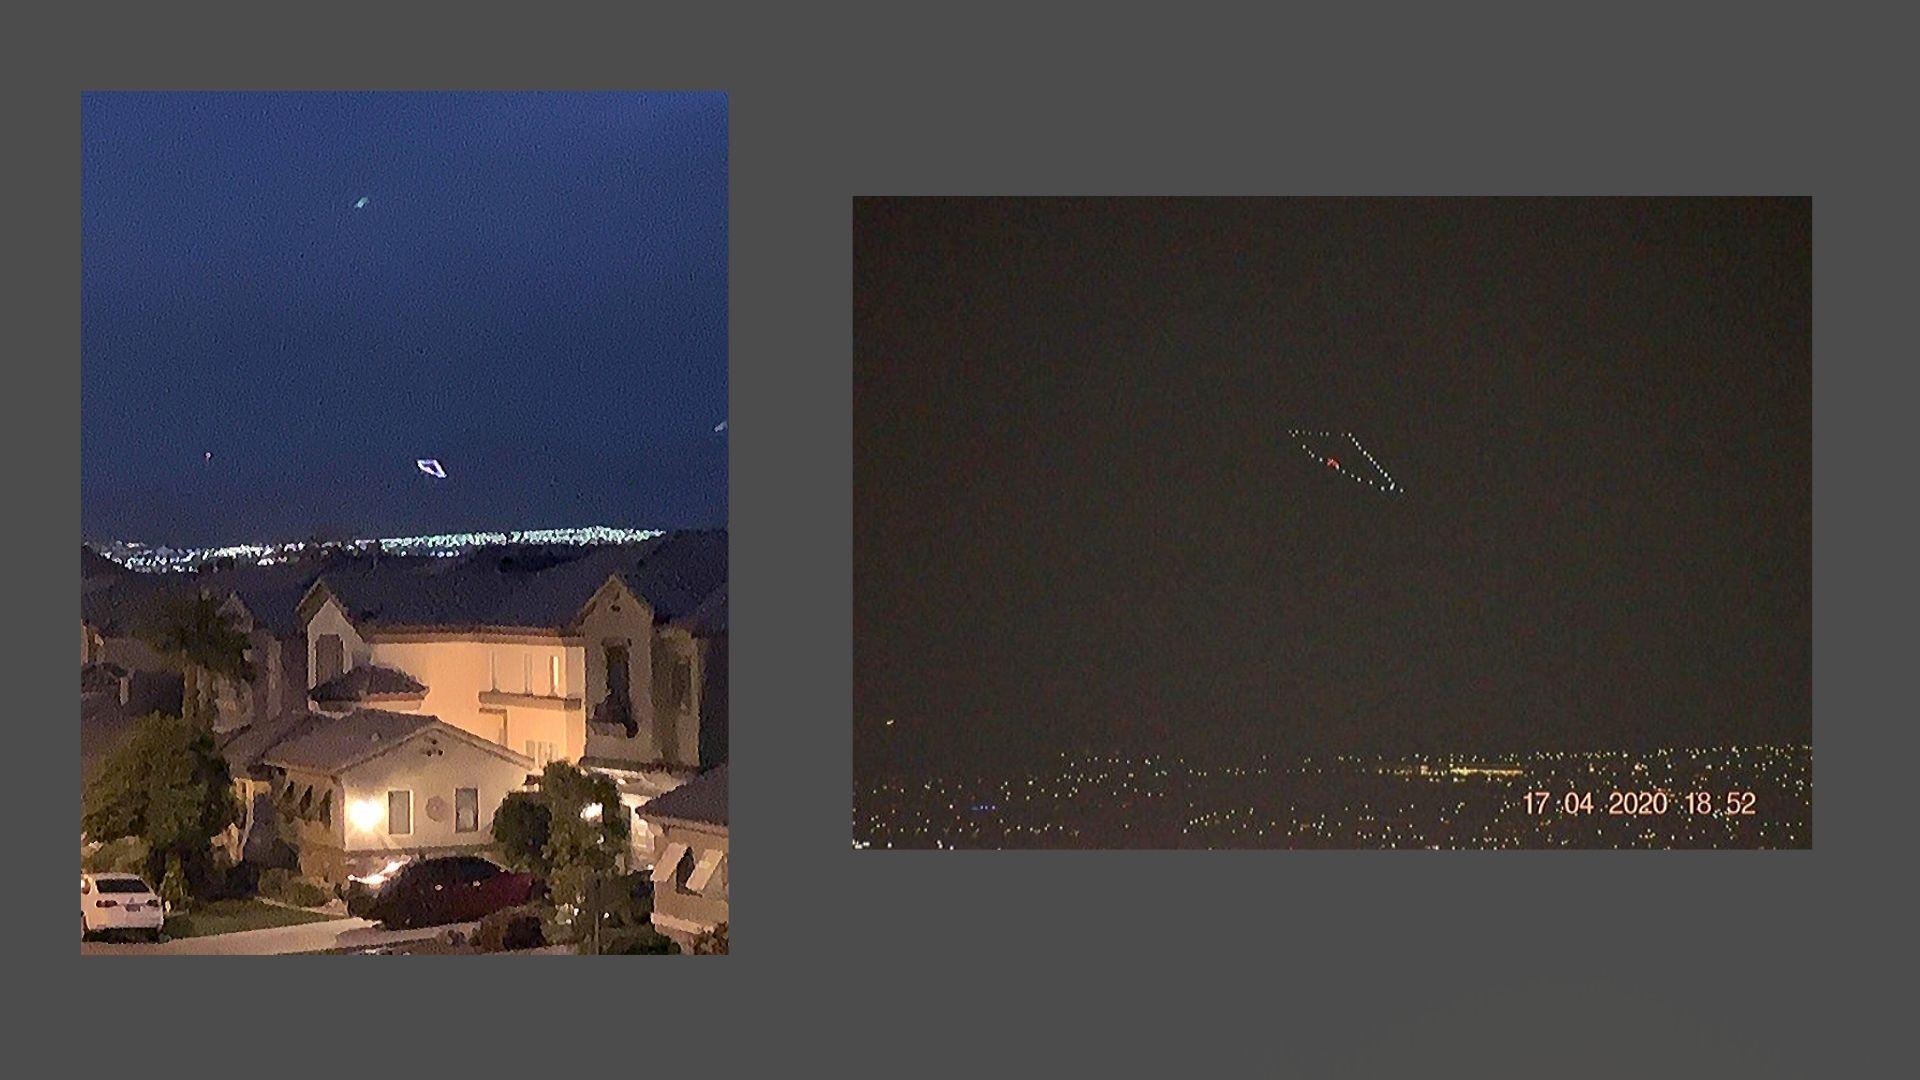 Update Henderson Resident Shares Nevada Light Display